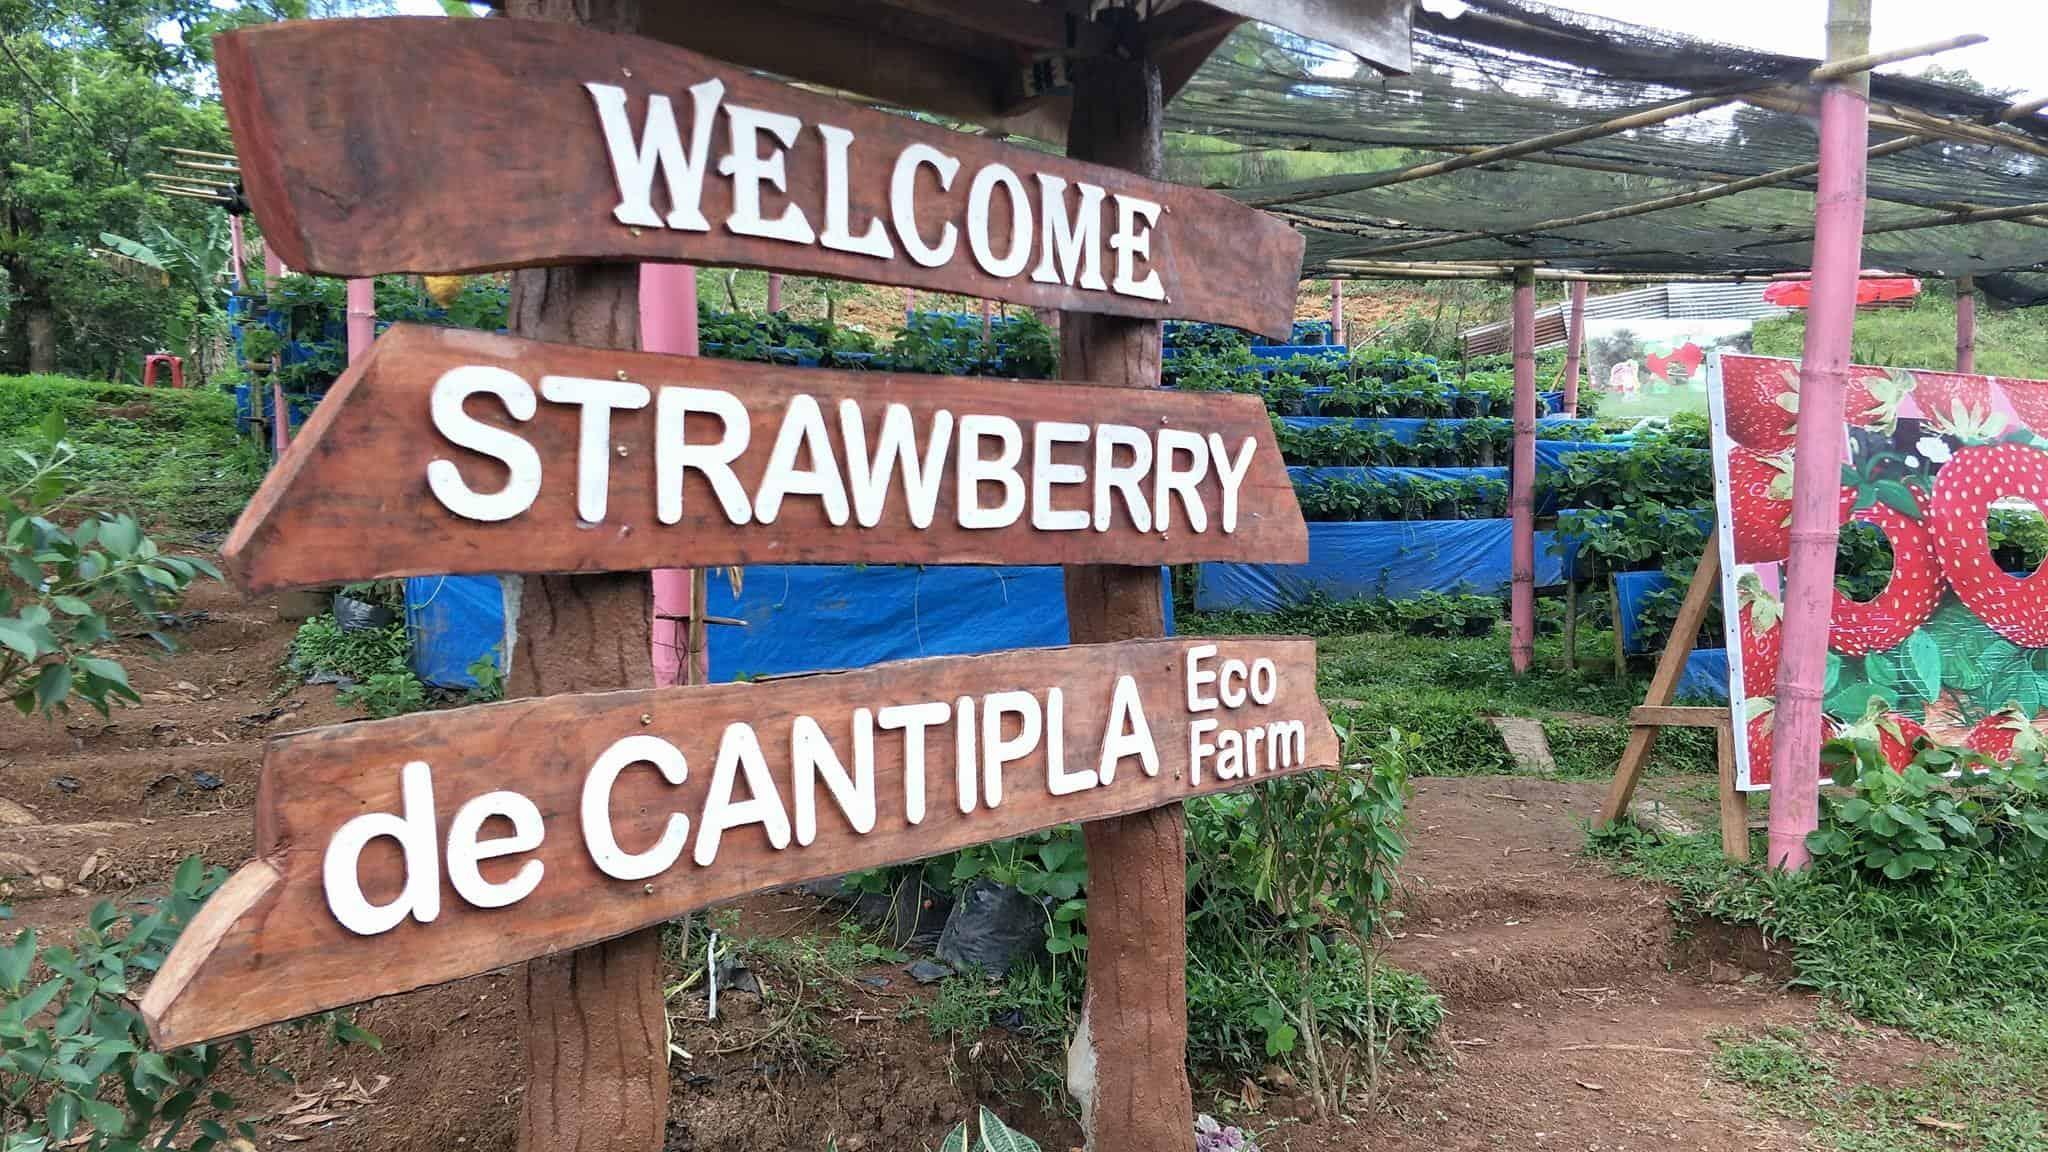 Strawberry de Cantipla Cebu (2)